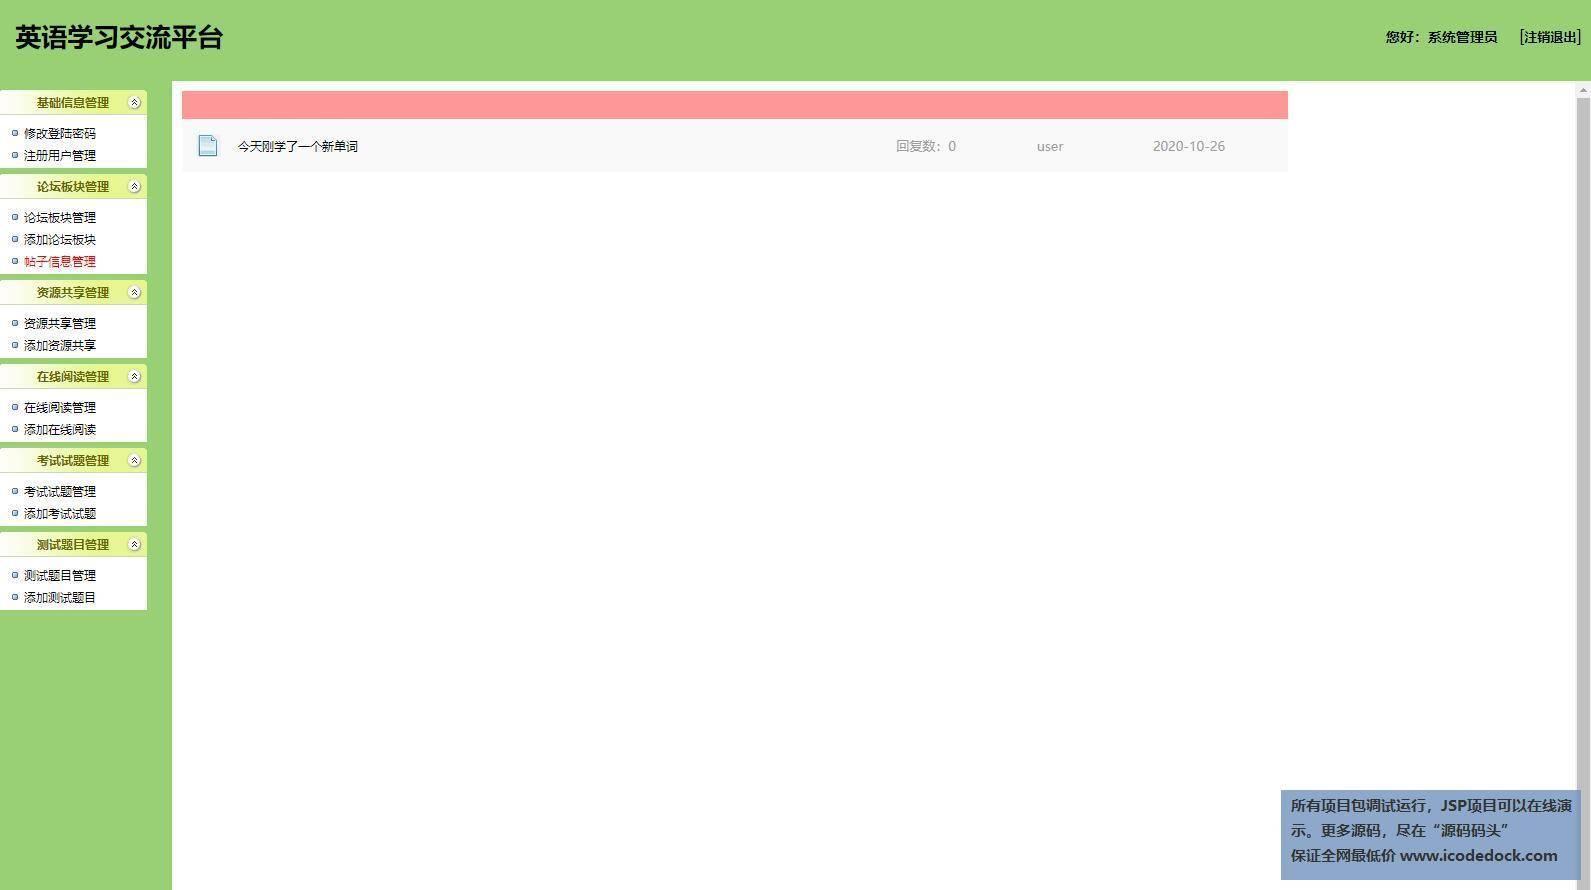 源码码头-SSH在校英语教学交流网站-管理员角色-帖子信息管理